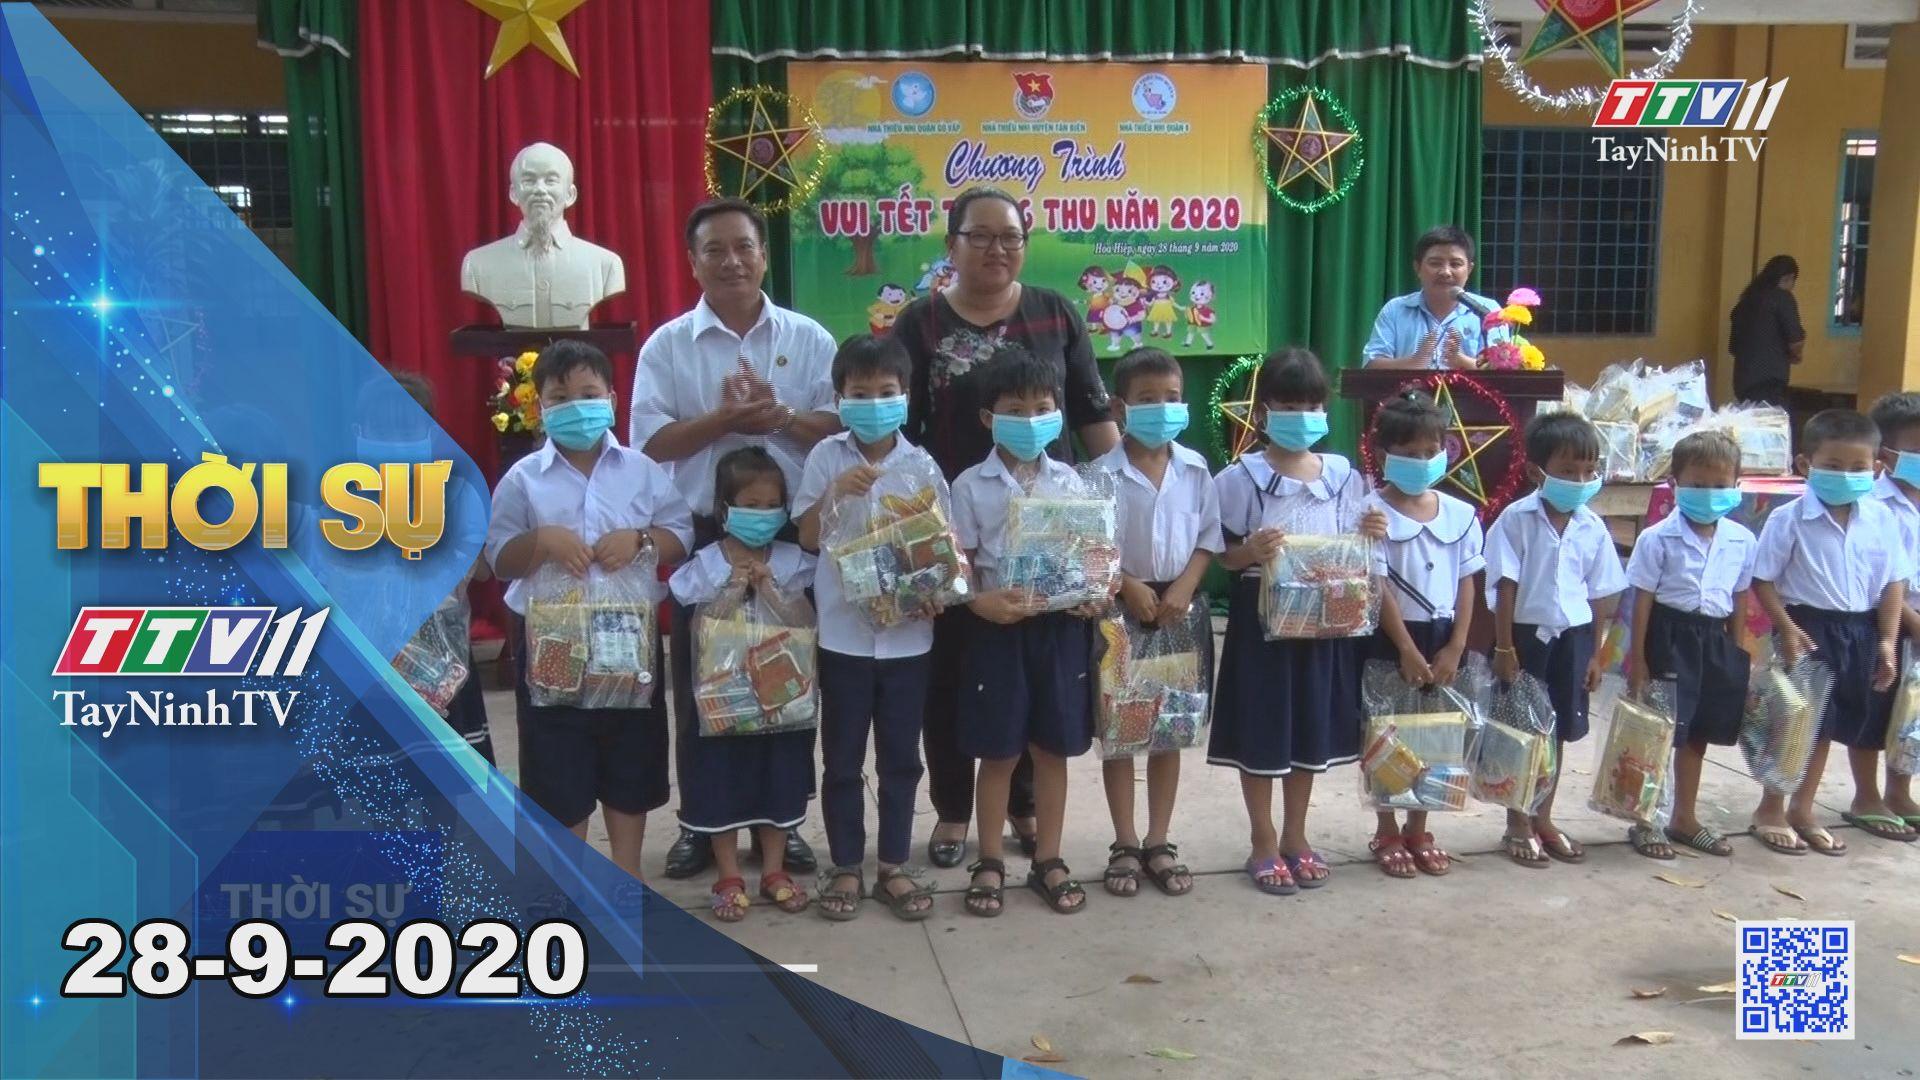 Thời sự Tây Ninh 28-9-2020 | Tin tức hôm nay | TayNinhTV